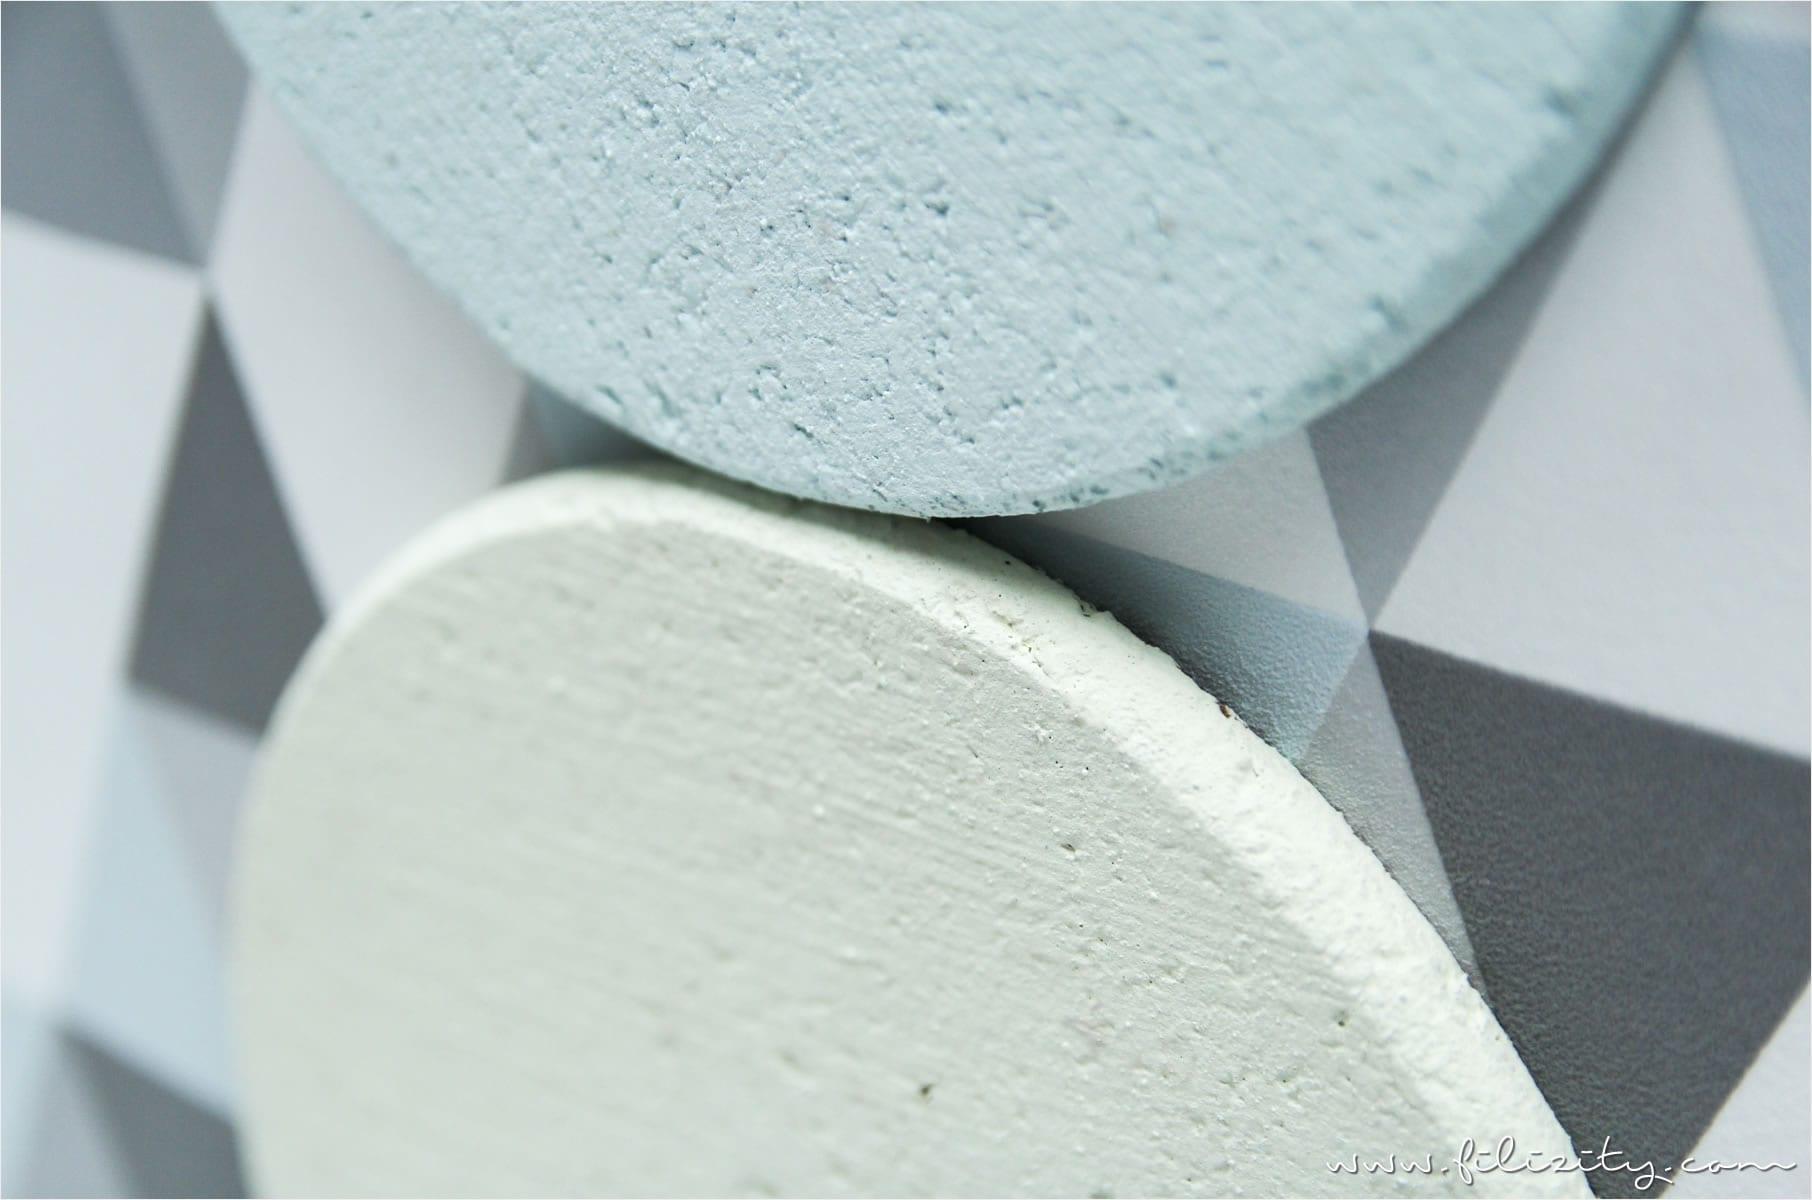 Wunderbar Kreidefarbe selber herstellen - so geht's | Filizity.com RR27